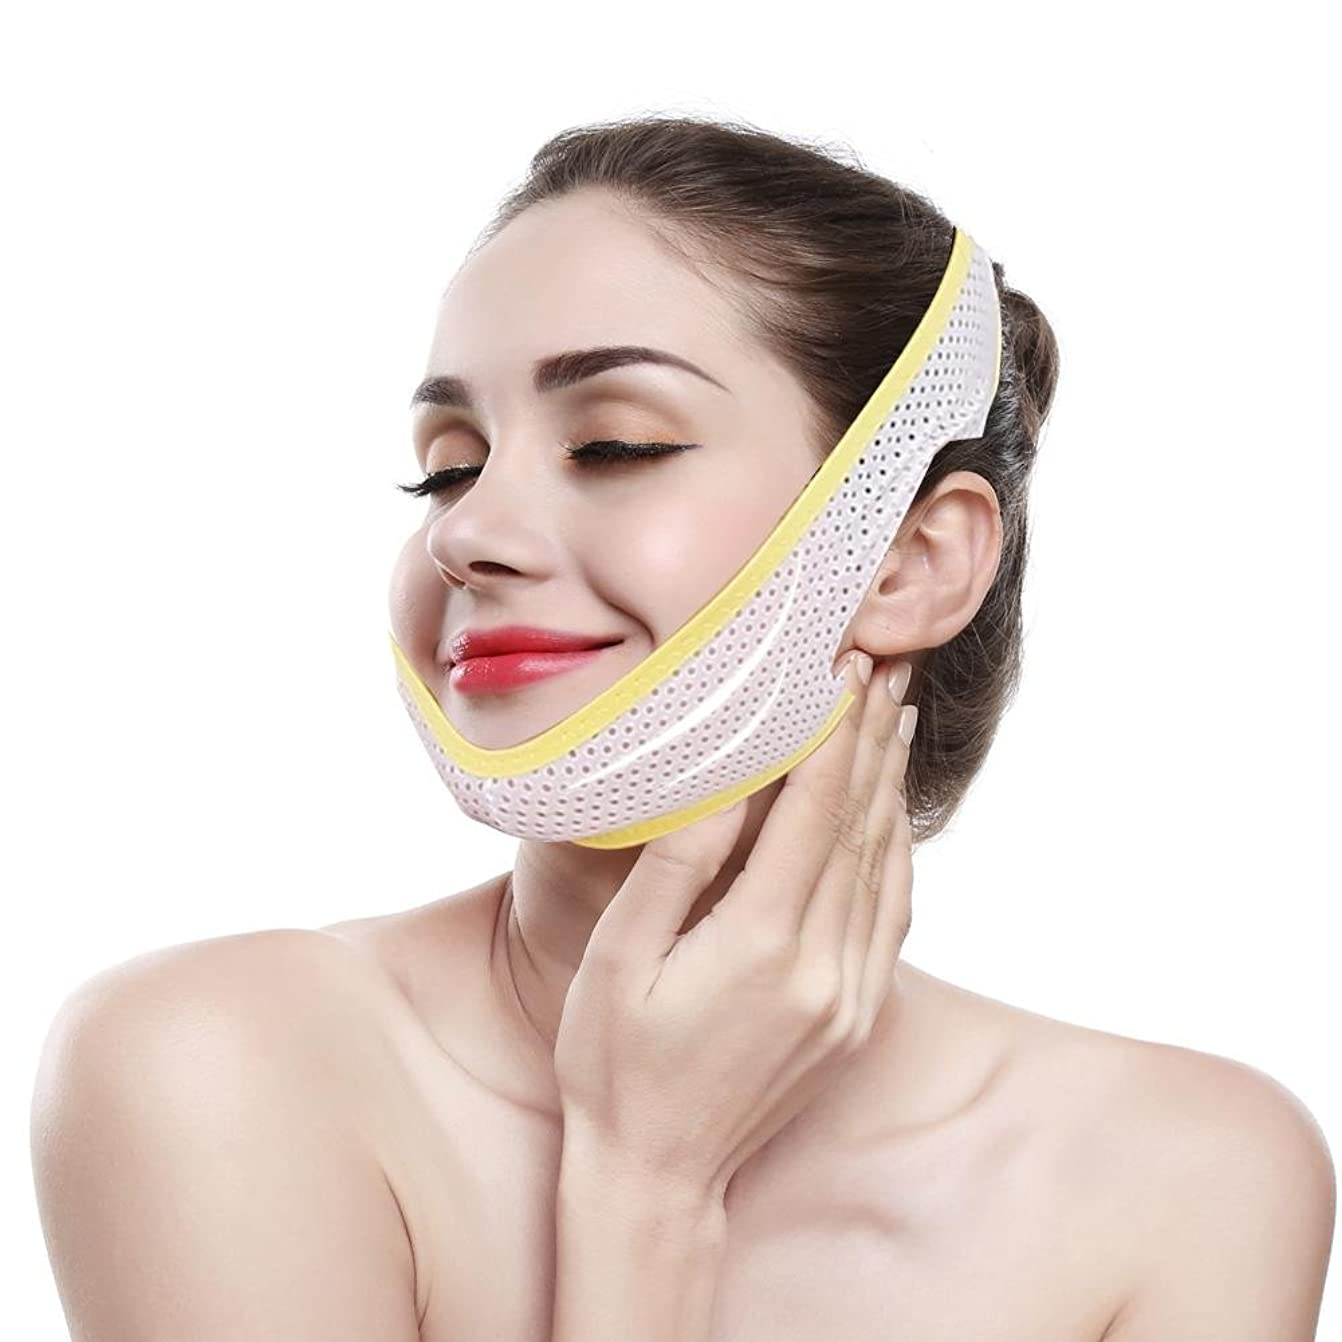 式活力レーニン主義顎リフト フェイススリミング包帯 フェイスベルト 顔の包帯スリミングダブルチンVラインとフェイシャルケアファーミングスキン 女性の超薄型 フェイスマス クラインベルト スリミング製品マスク(M)